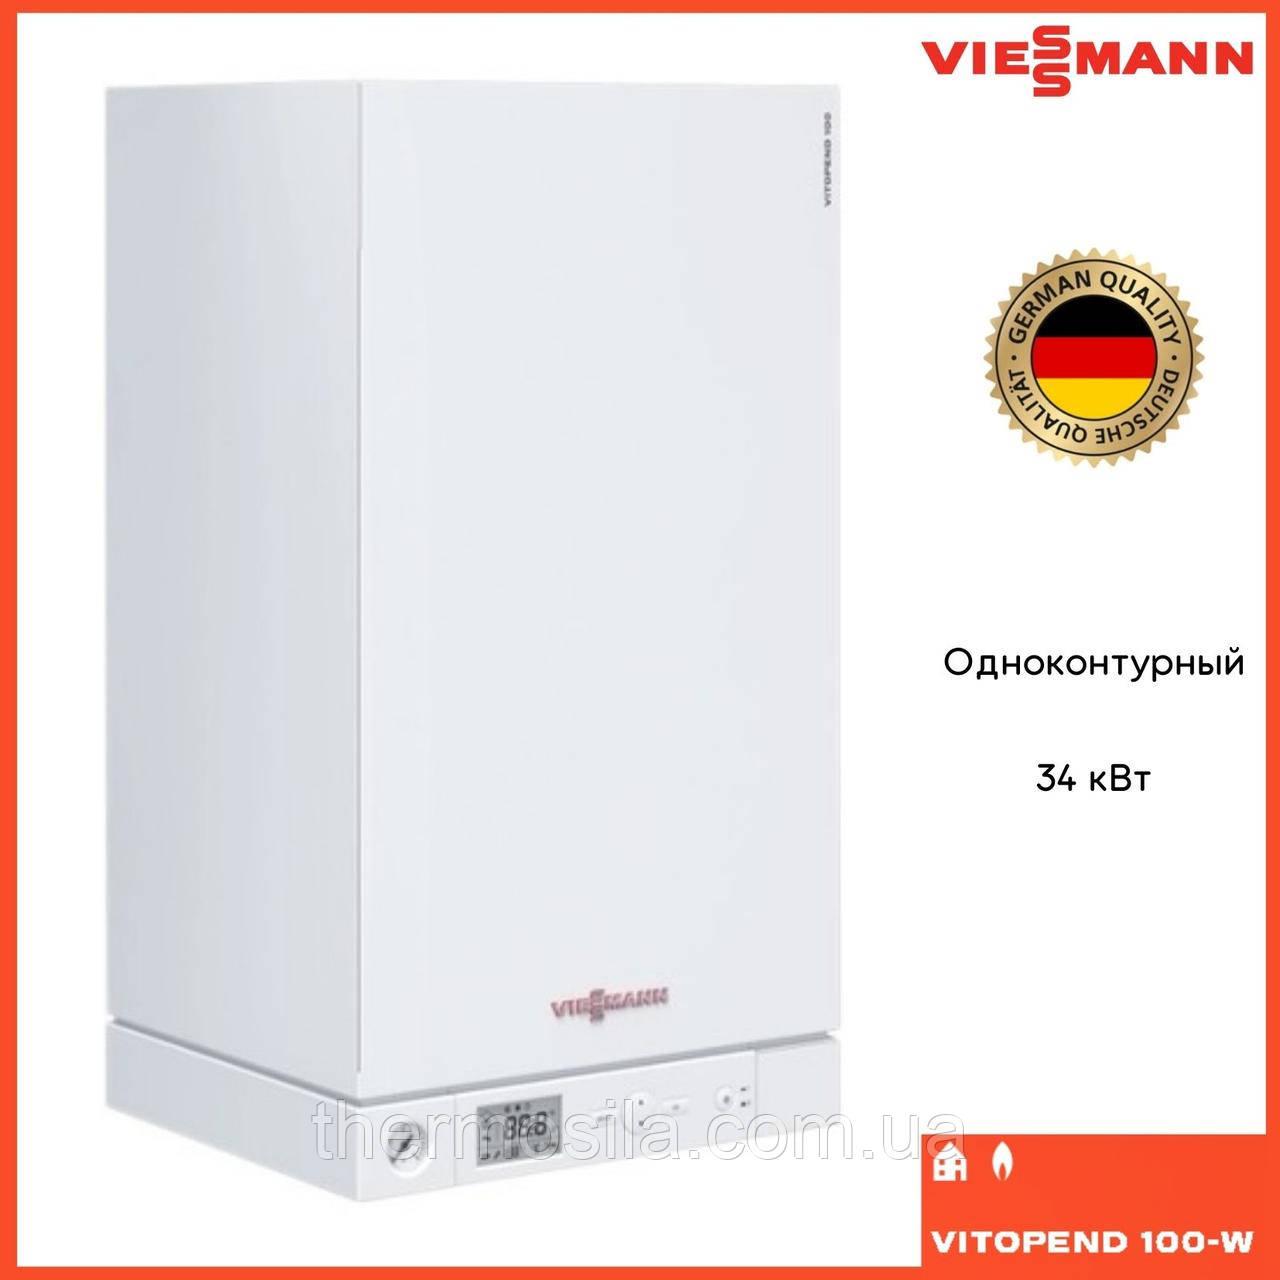 Газовий настінний одноконтурний котел VIESSMANN VITOPEND 100-W 34 кВт турбований